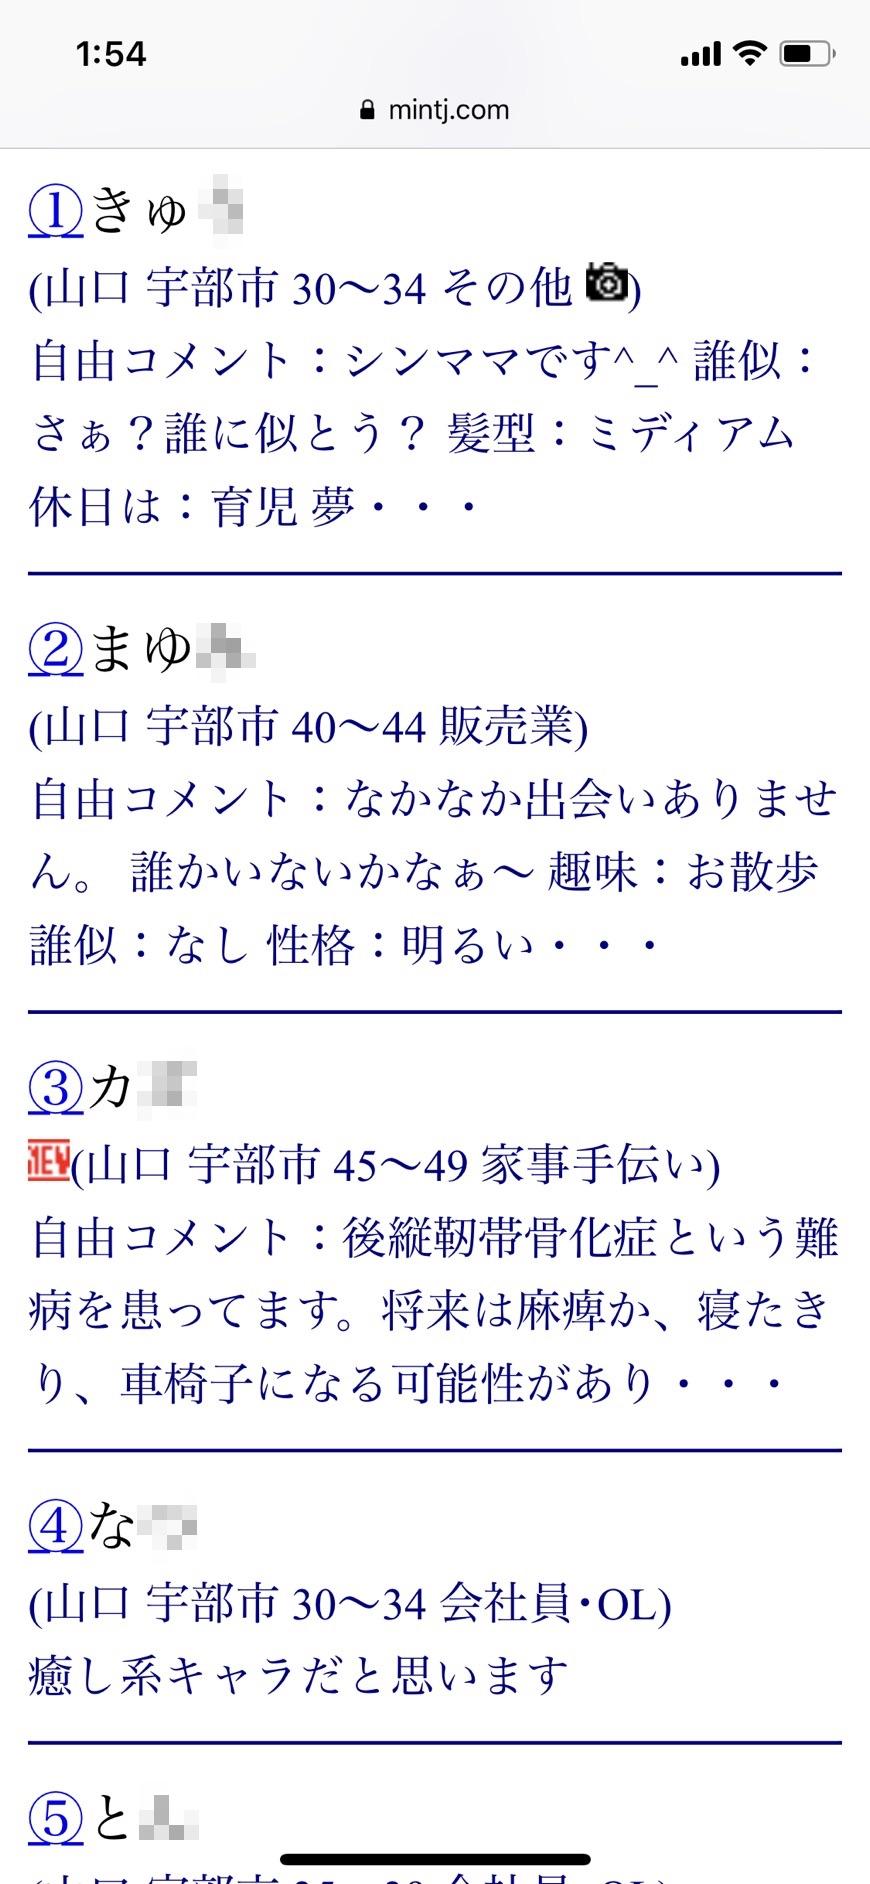 宇部・出会い希望(Jメール)